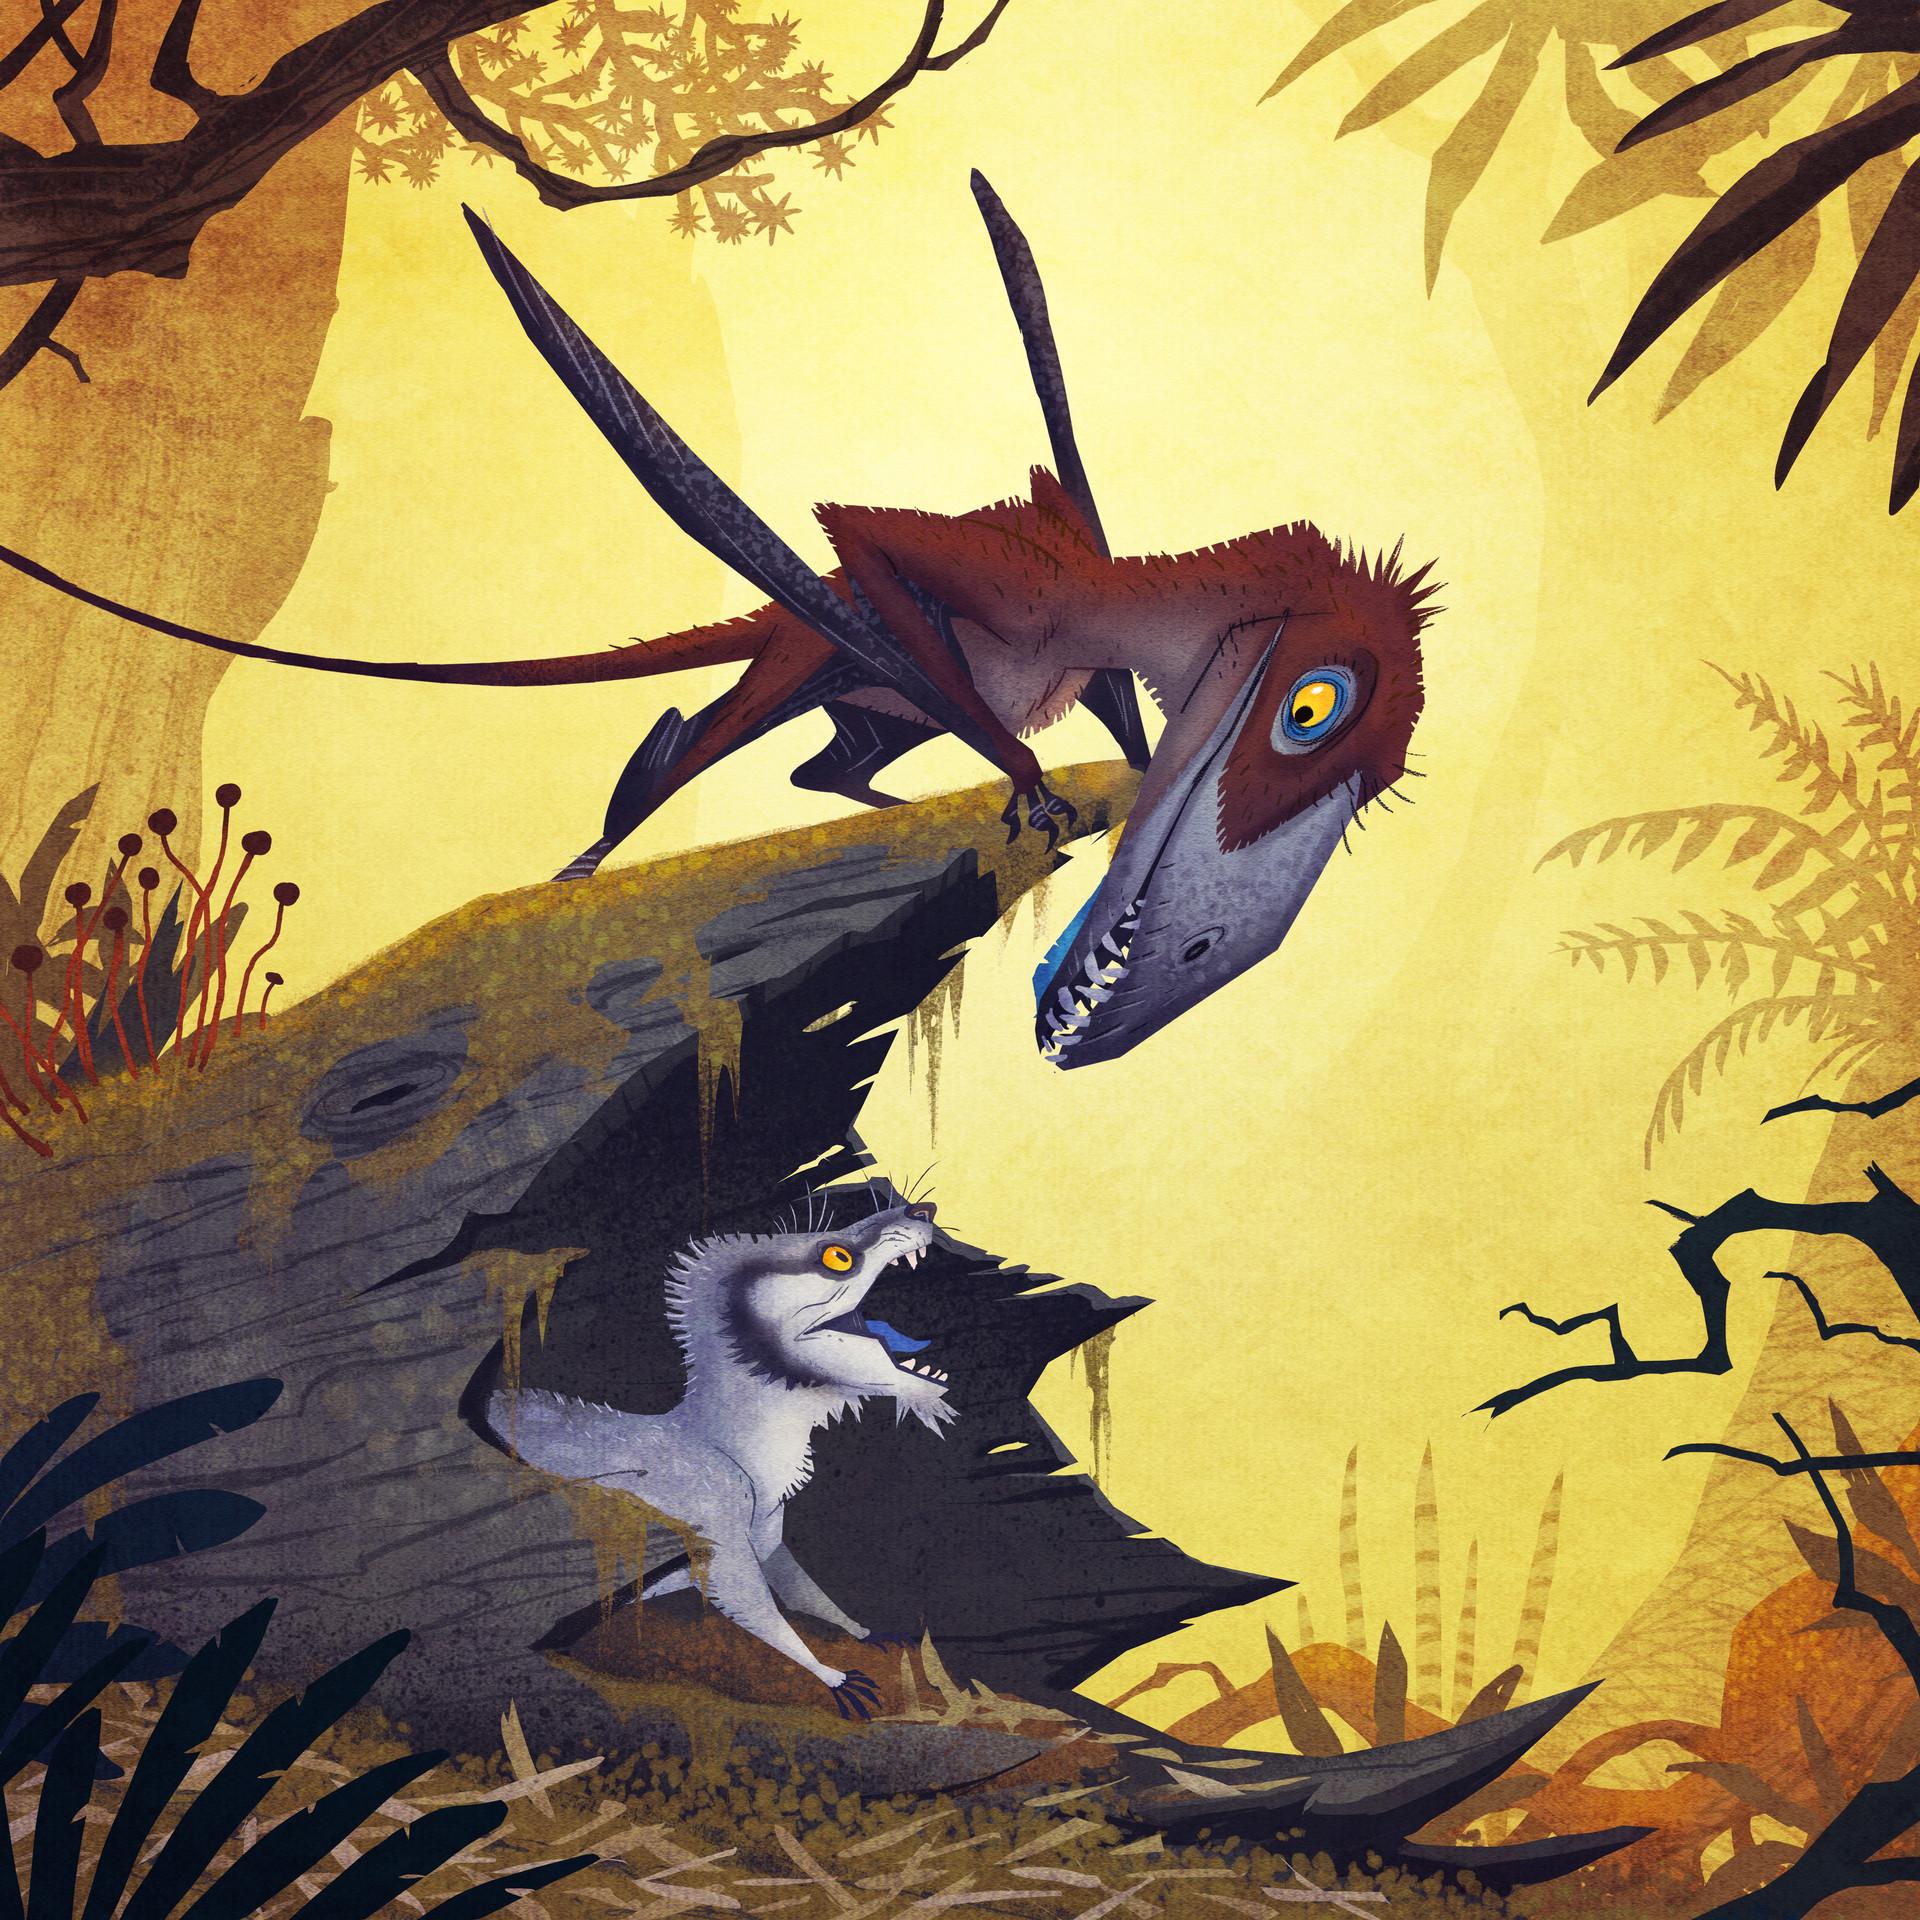 Dimorphodon, JOHAN EGERKRANS